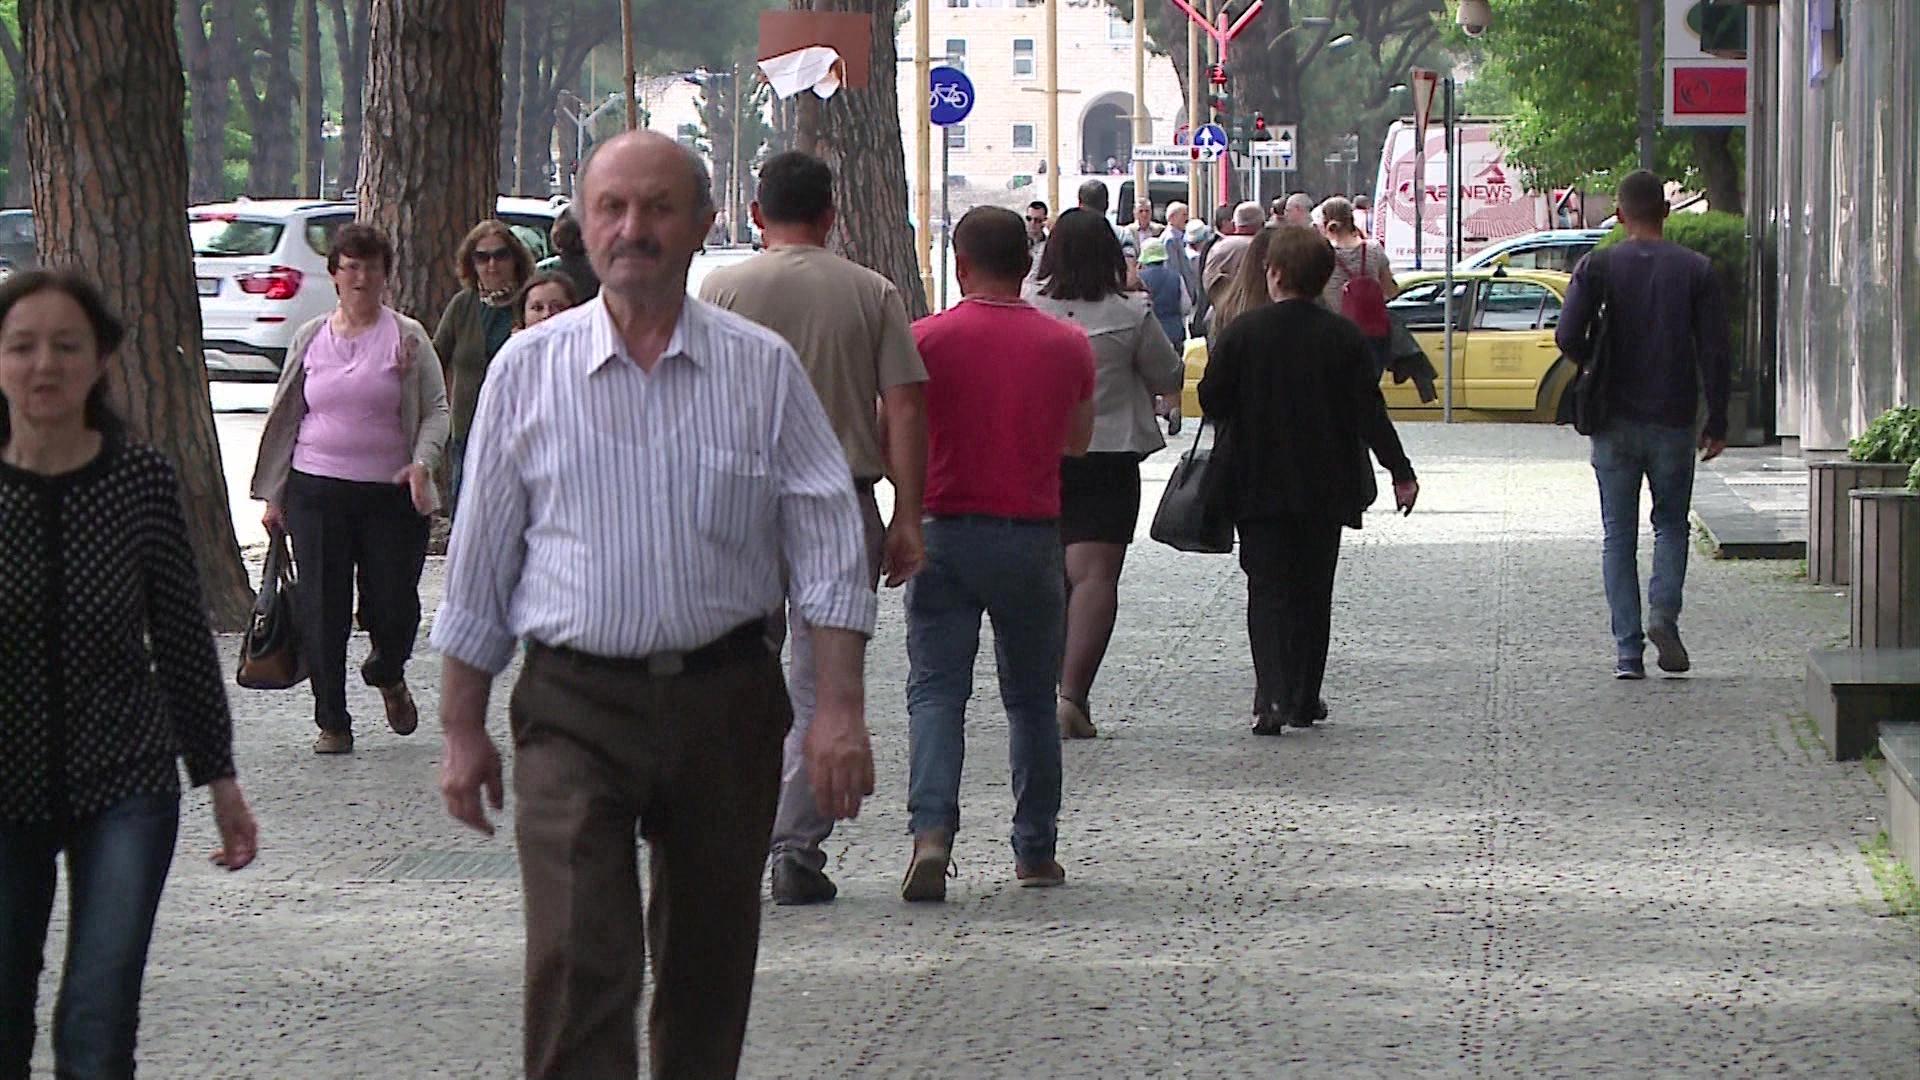 FMN: Shqipëria me të ardhura më të ulëta për frymë në Evropë